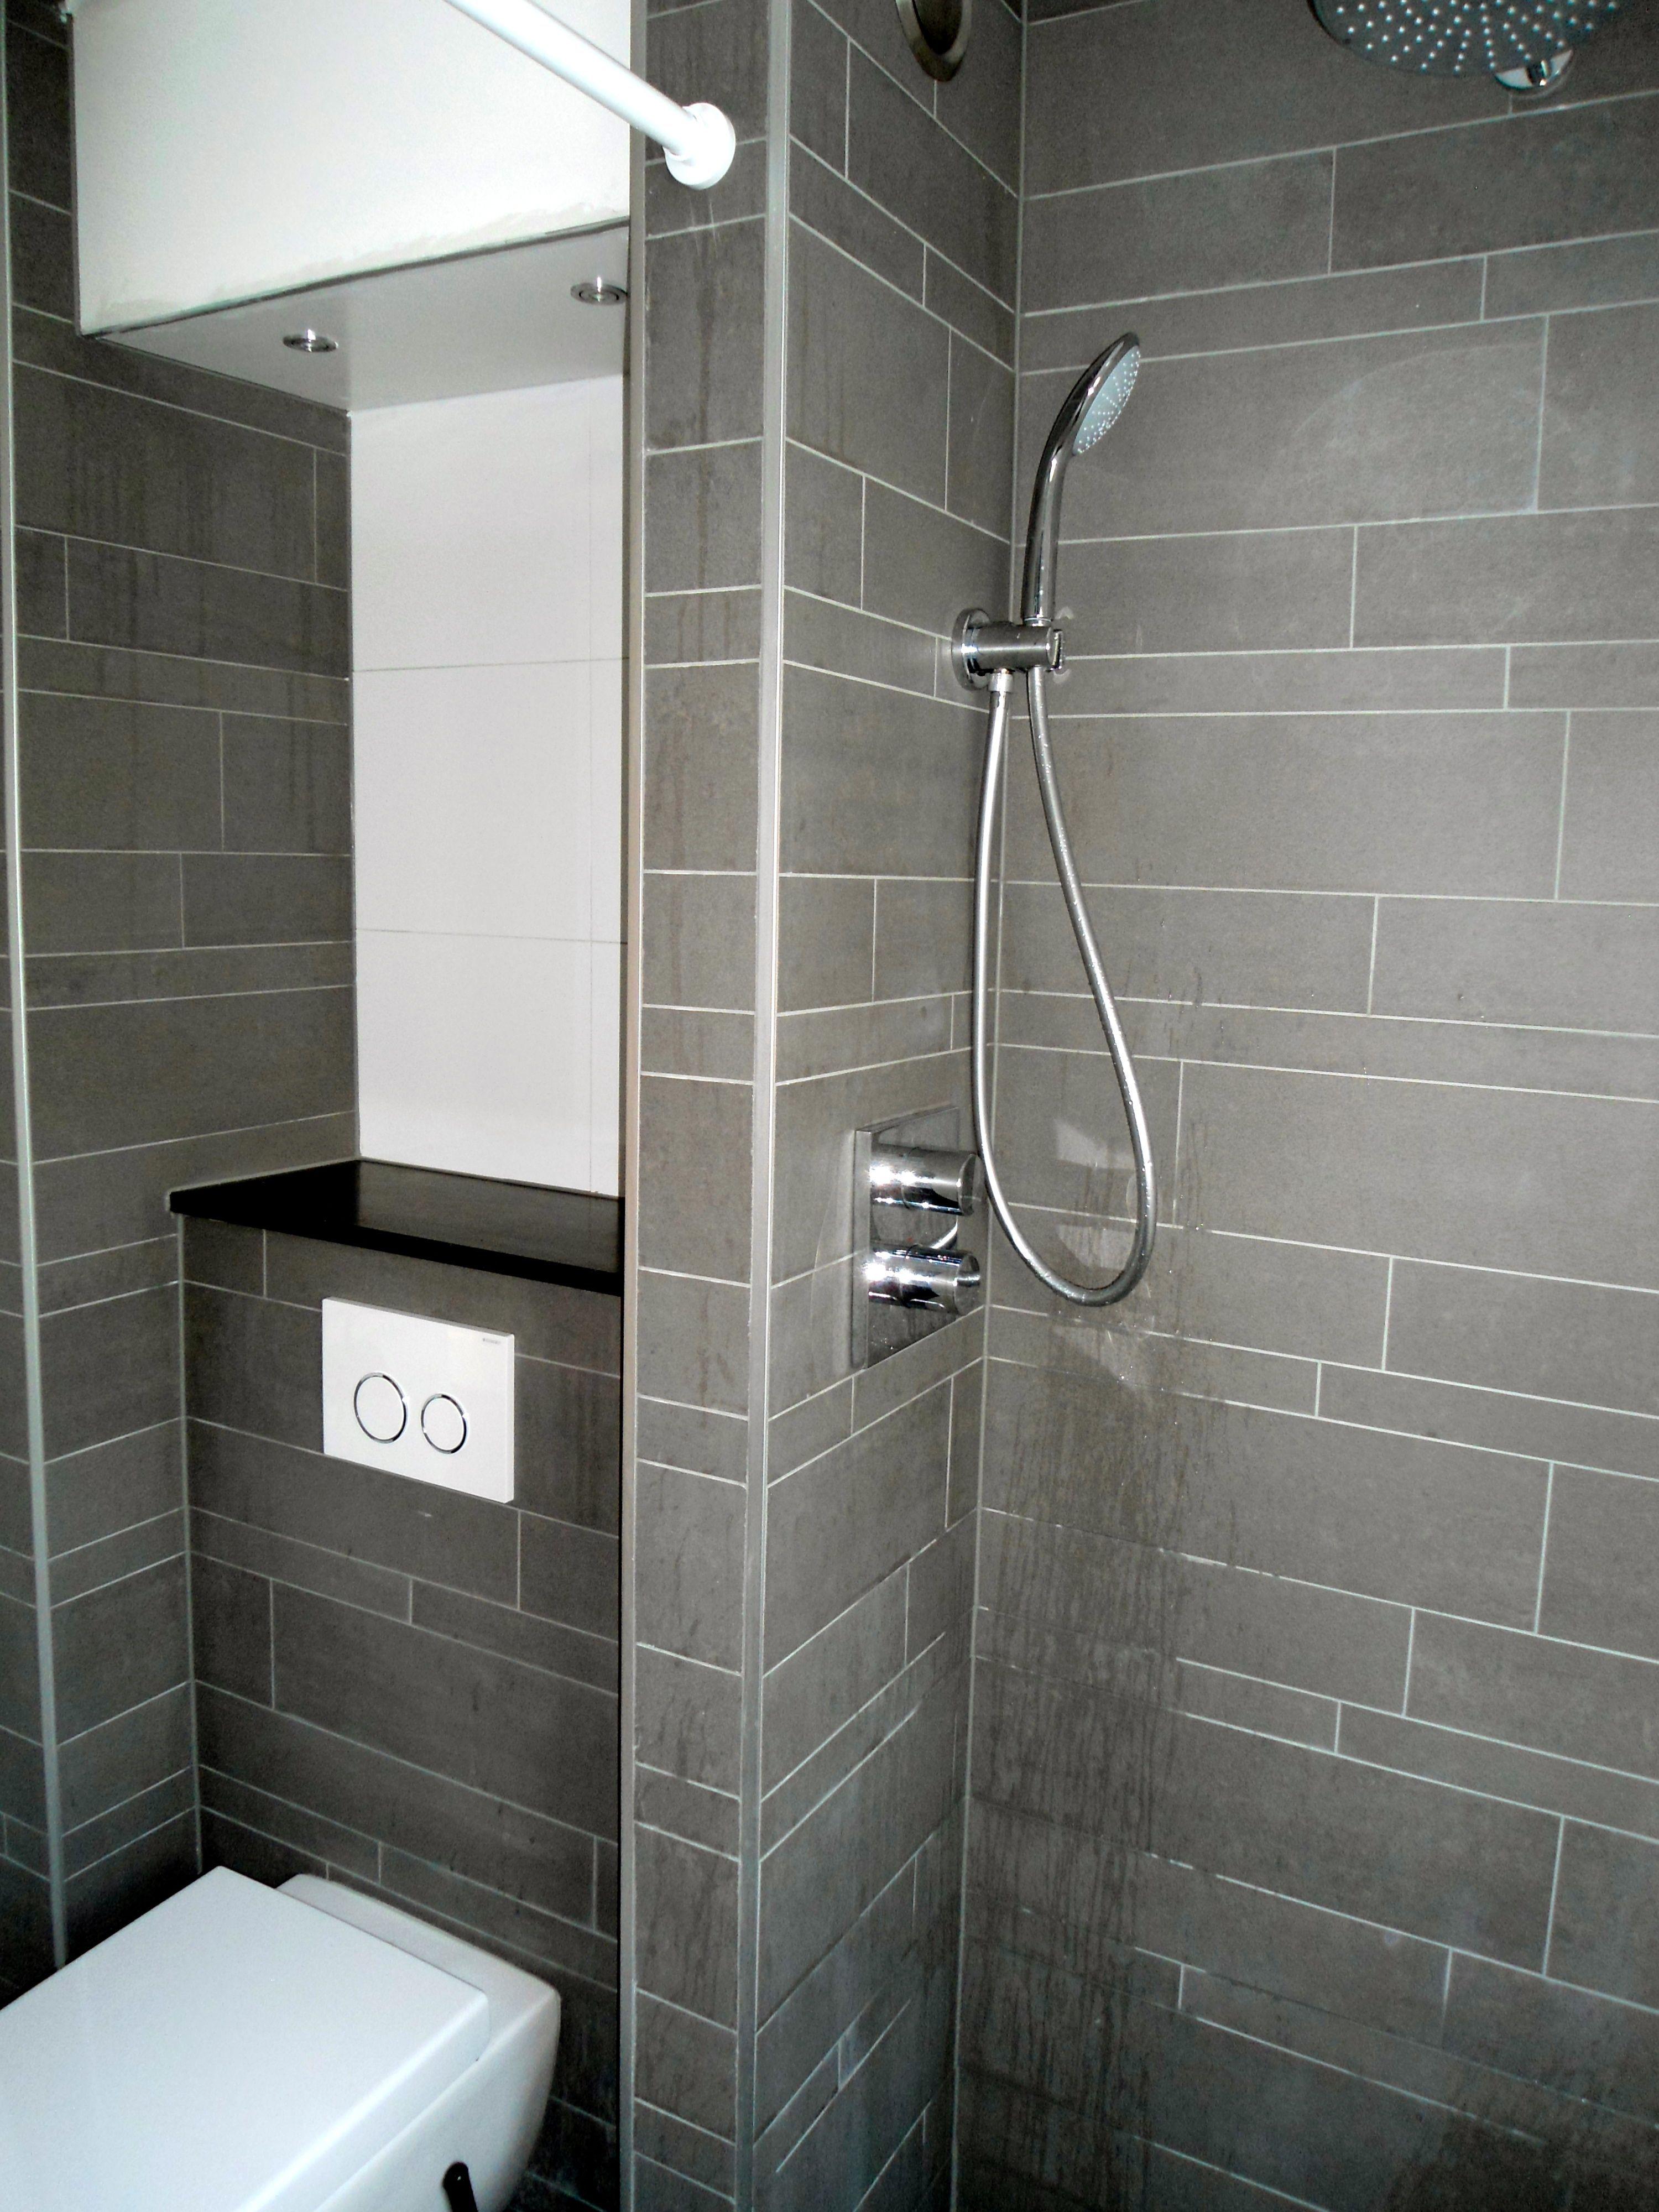 Muurtje achter wc natuursteenplankje op muurtje badkamer inspiratie pinterest for Badkamer design italiaanse douche